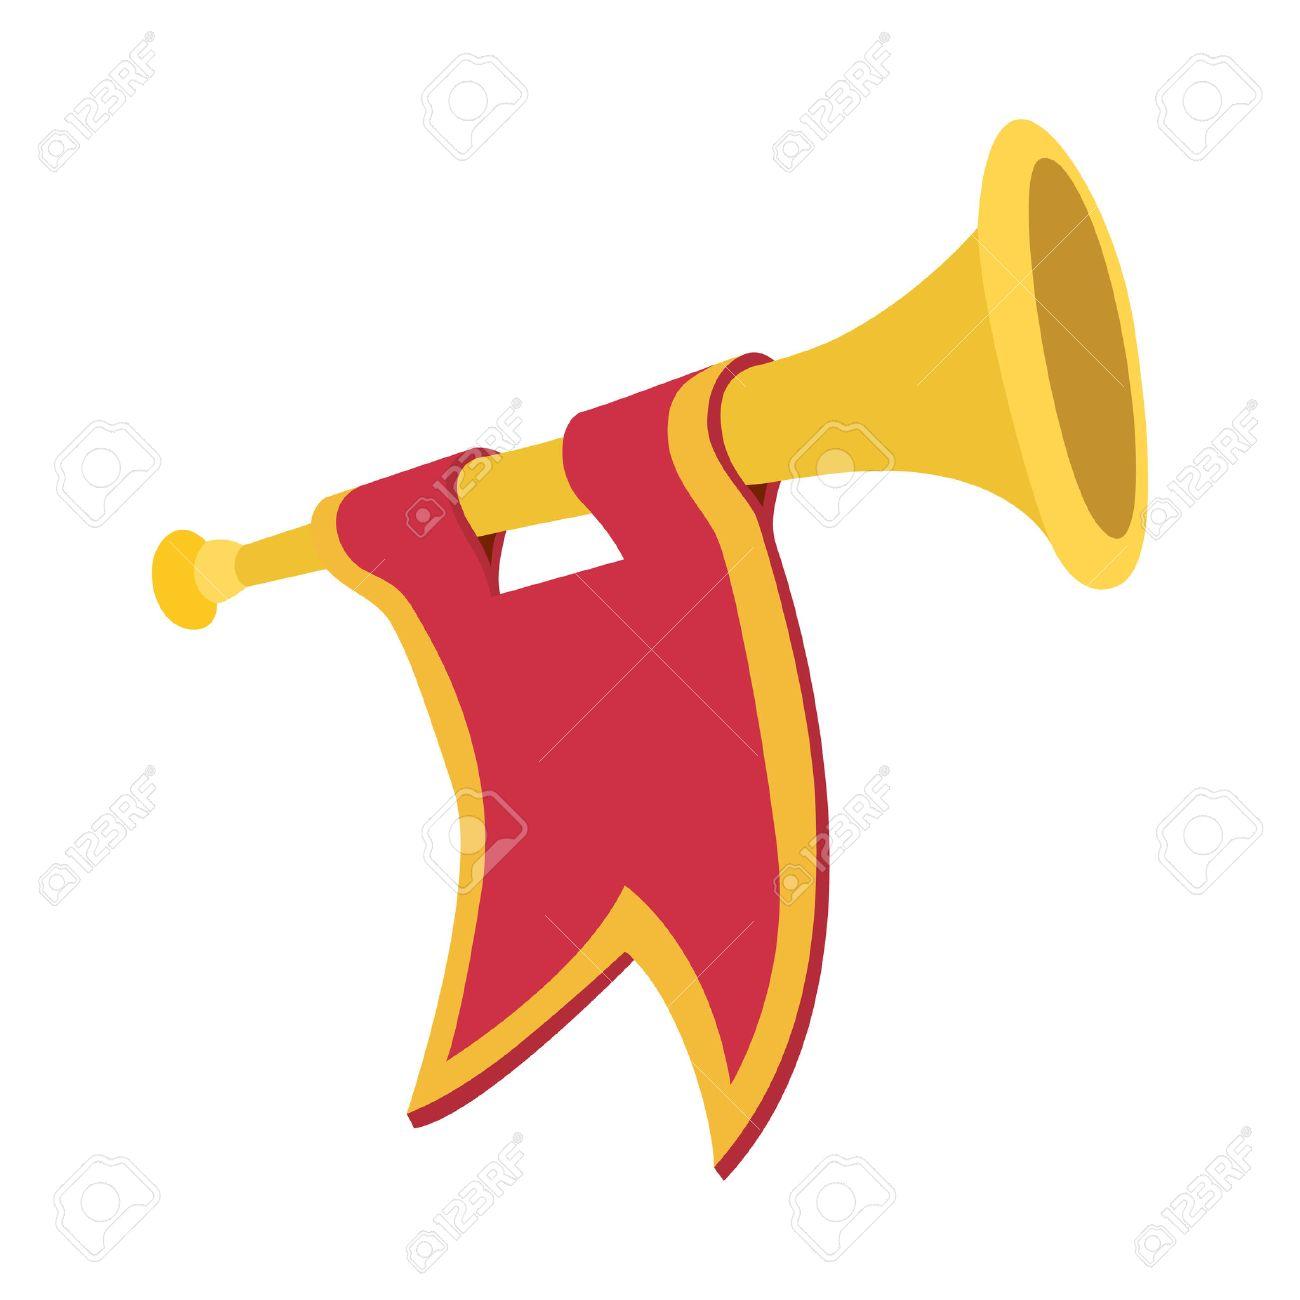 Trompette avec l'icône de dessin animé drapeau rouge sur un fond blanc Banque d'images - 49927219